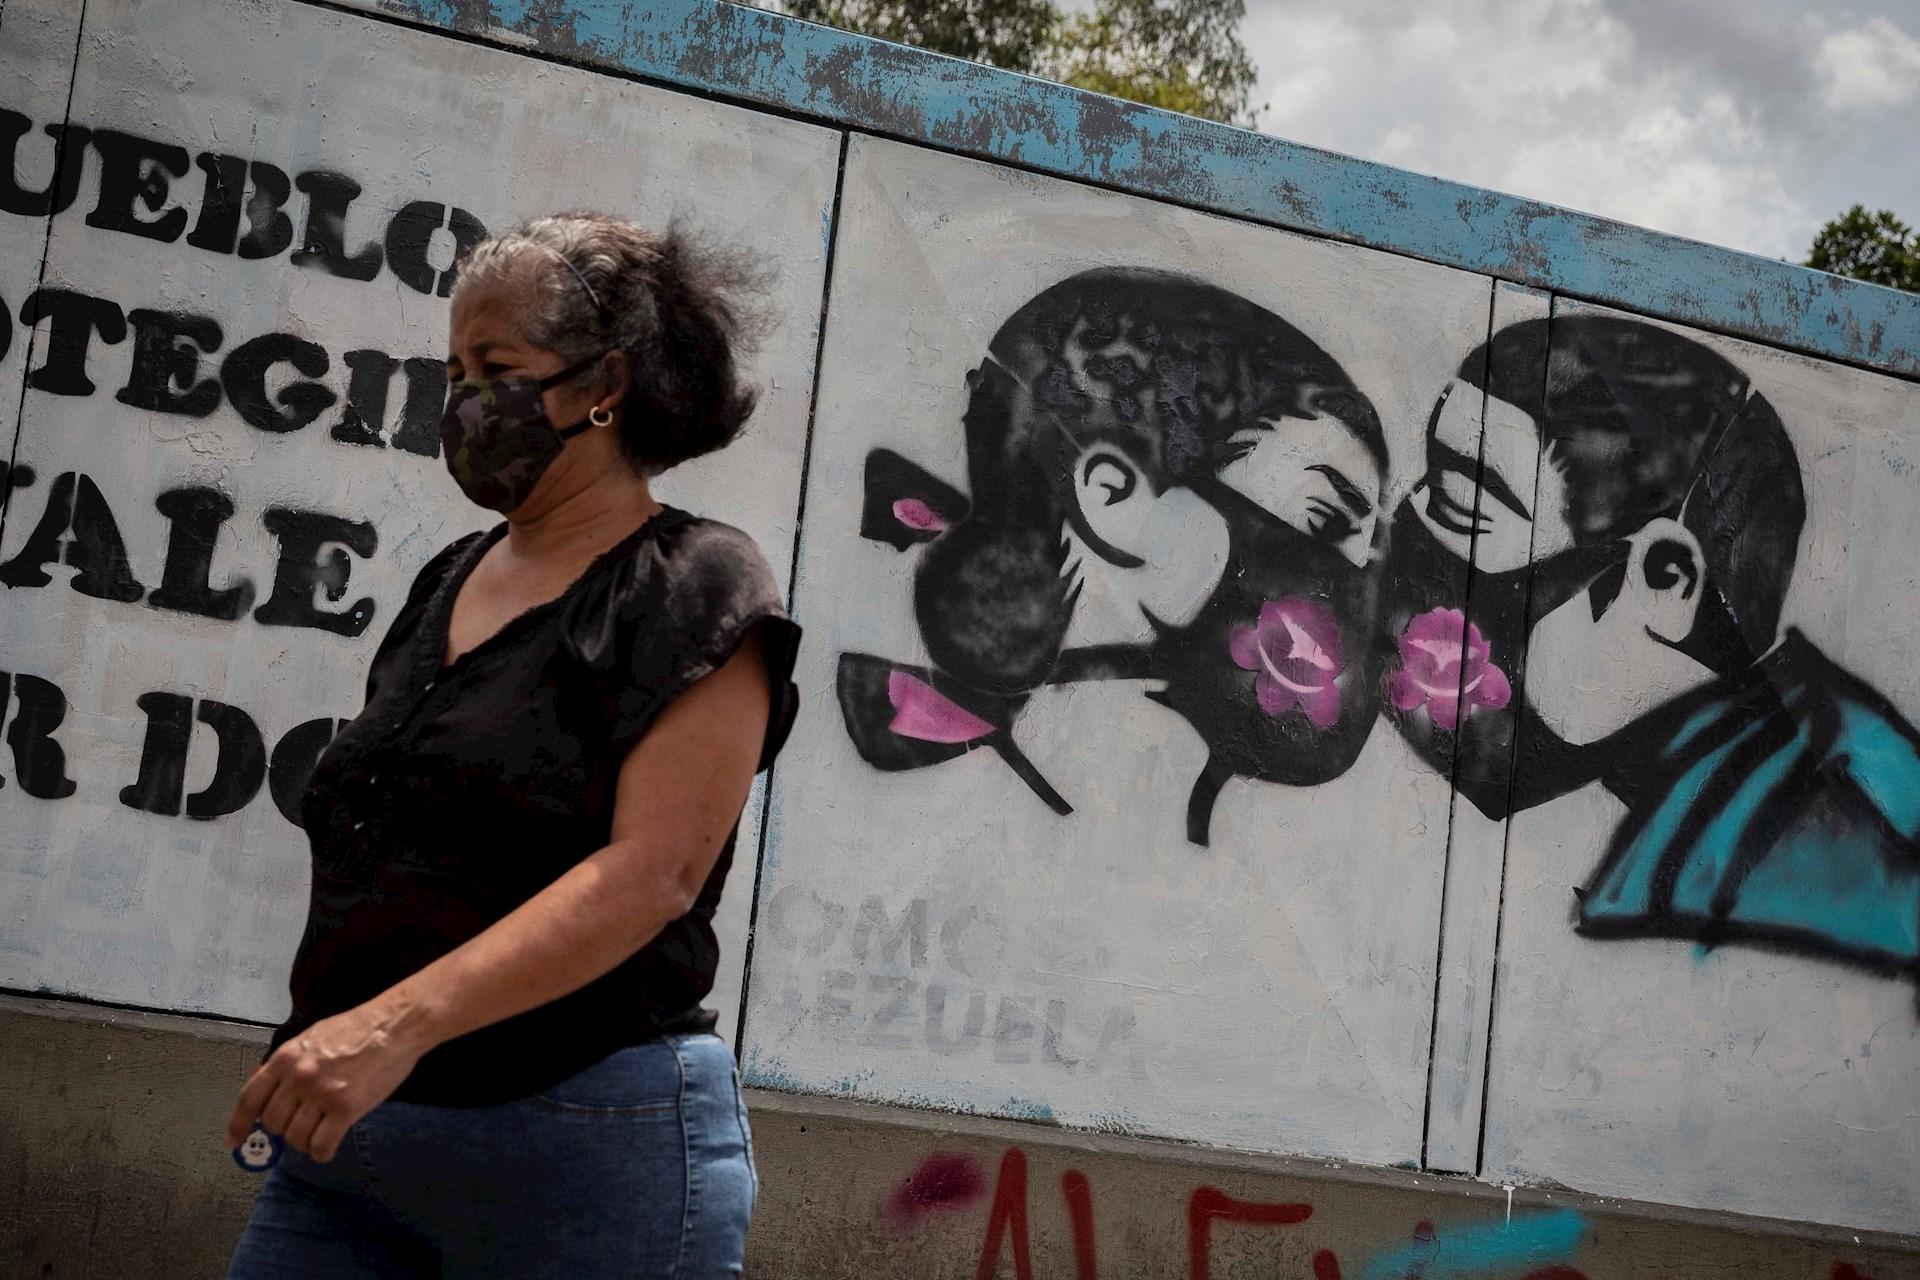 Una mujer camina hoy con tapabocas frente a un grafiti que invita a su correcto uso para evitar la propagación del COVID-19 en Caracas, Venezuela. Foto de EFE/RAYNER PEÑA R.